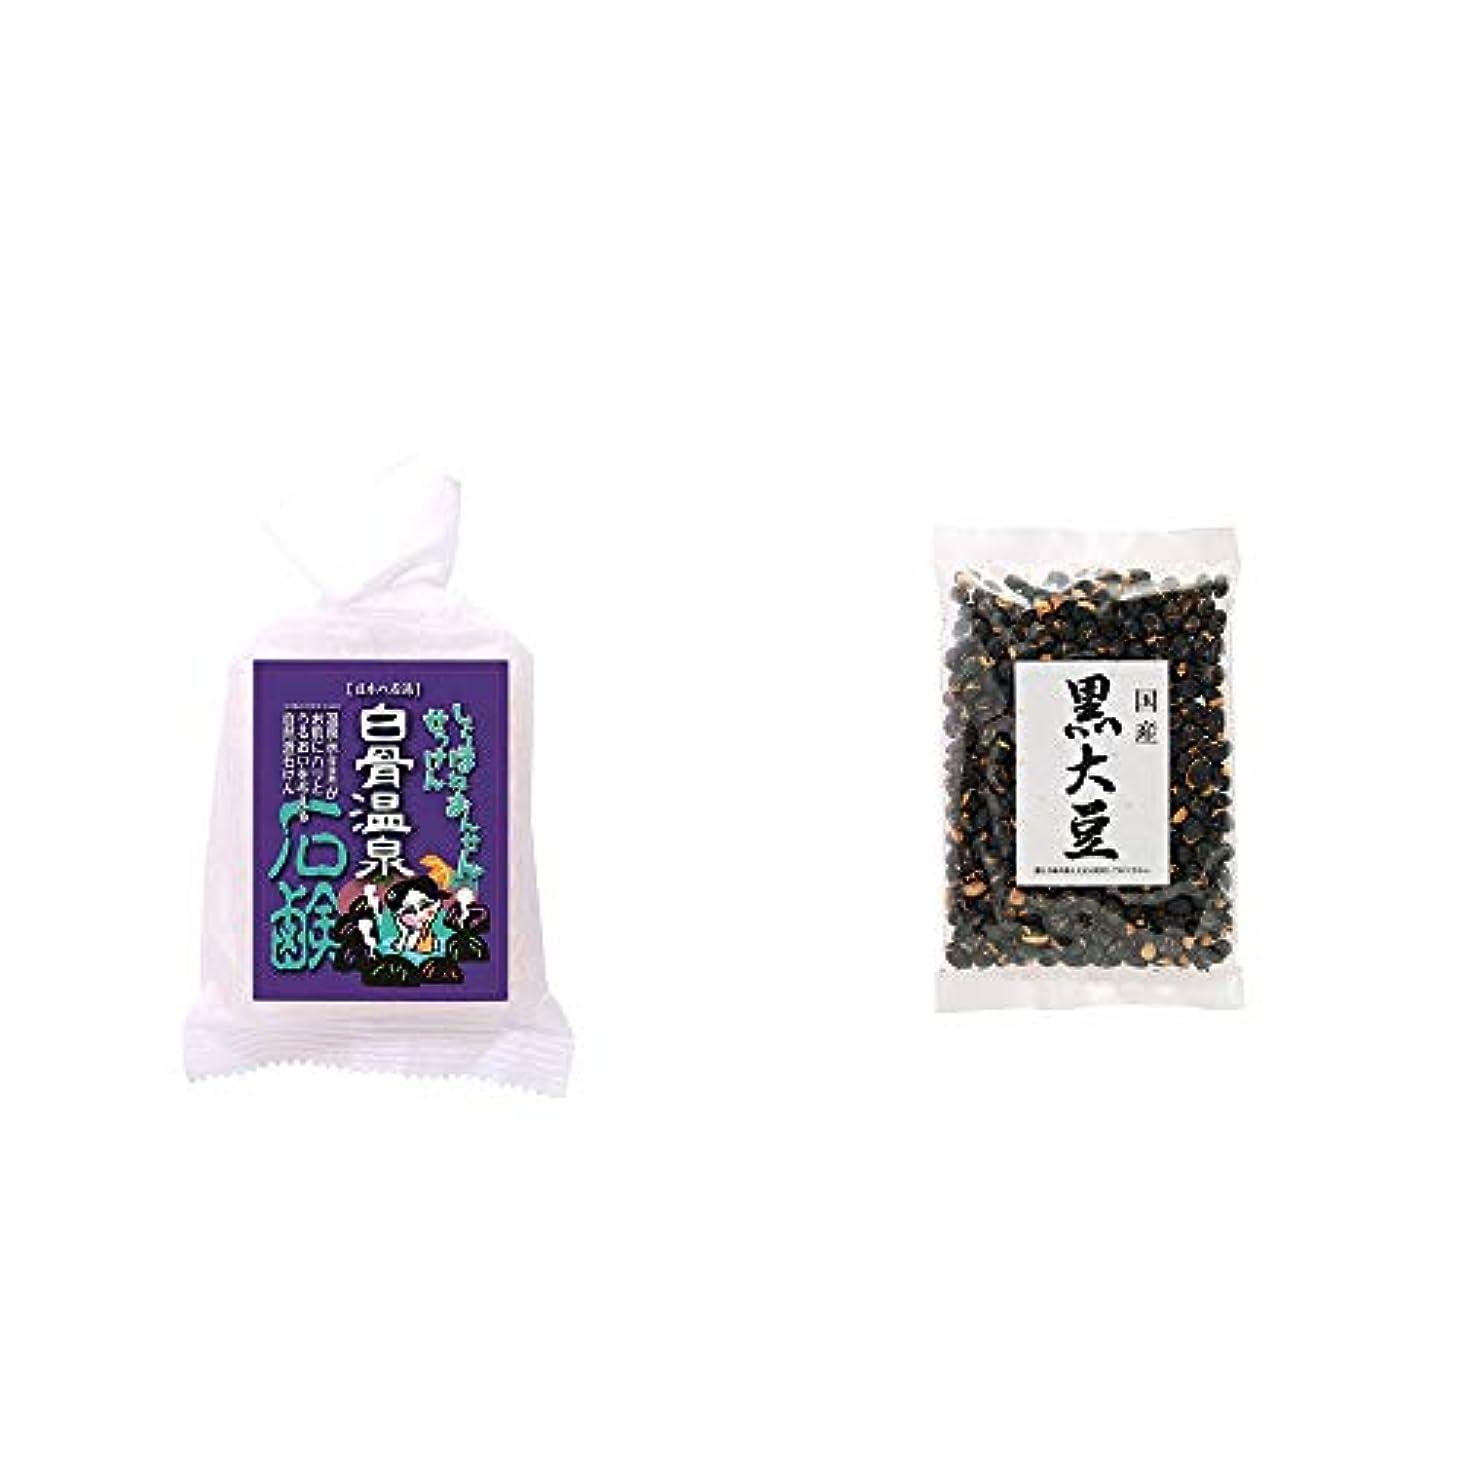 おばさんモトリースカープ[2点セット] 信州 白骨温泉石鹸(80g)?国産 黒大豆(140g)